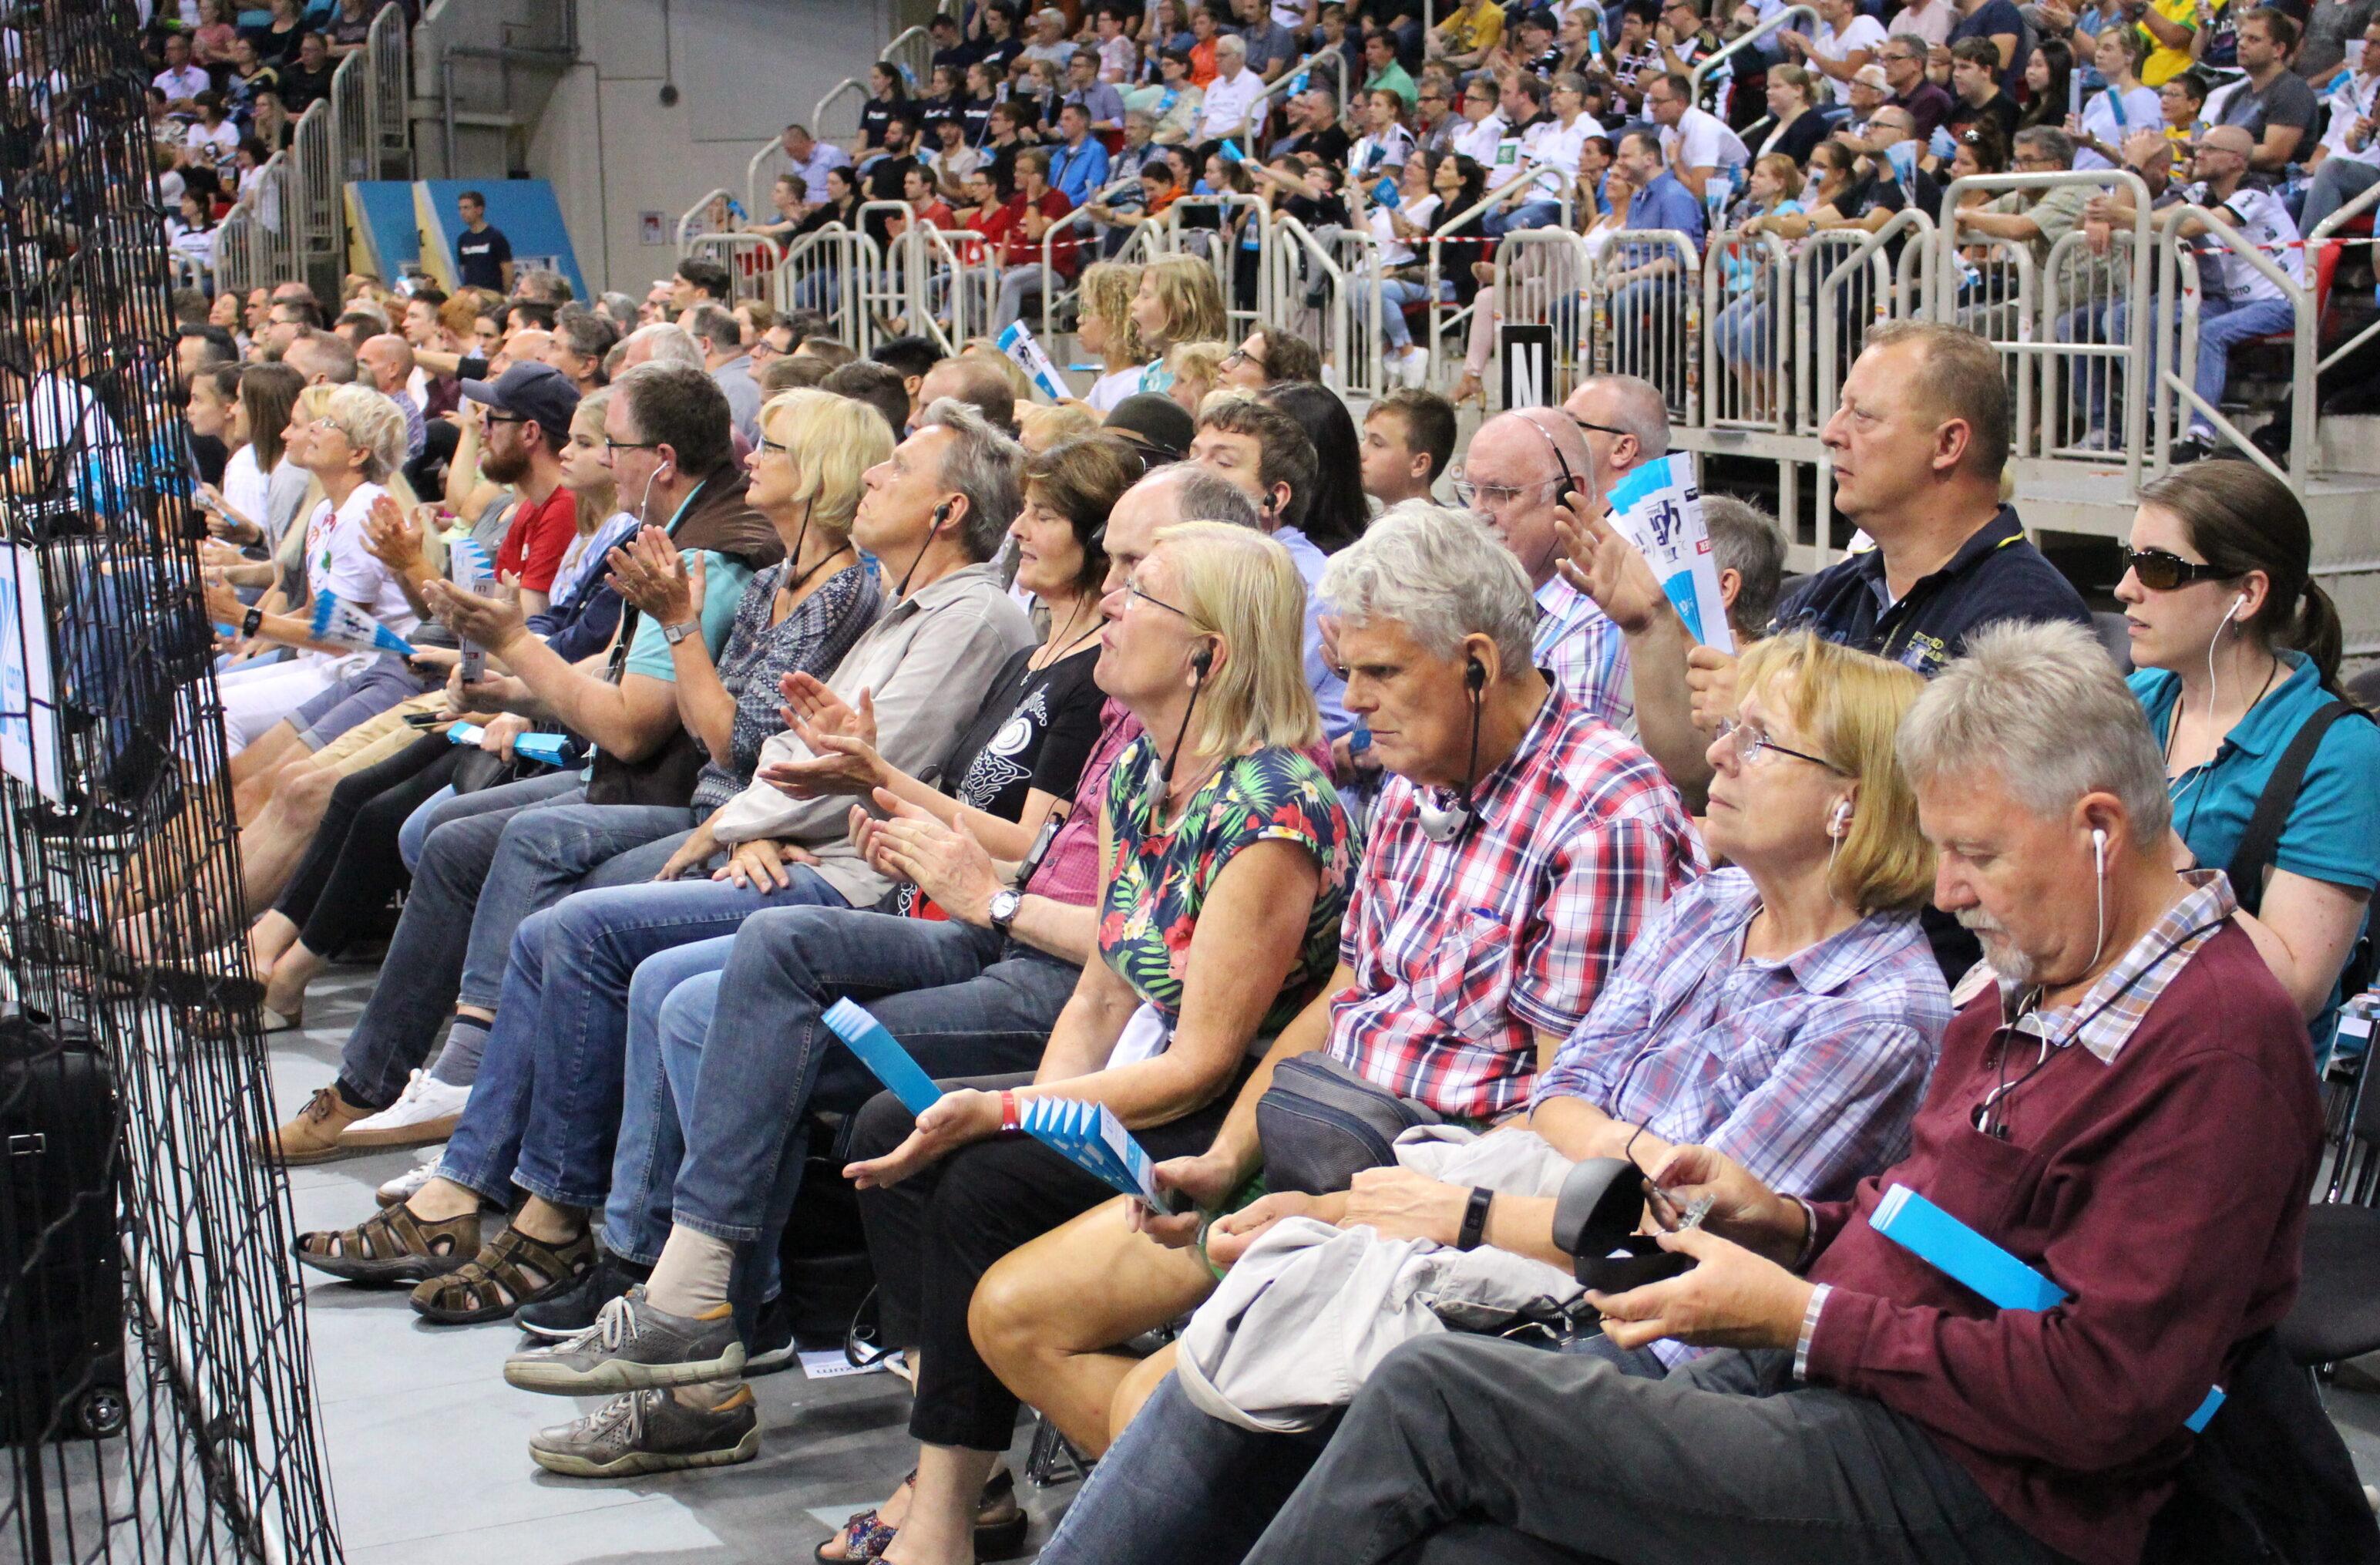 Etwa zwanzig sehbehinderte und blinde Gäste sitzen in zwei Stuhlreihen am Rand eines Handballspielfeldes. Sie haben Kopfhörer auf und empfangen eine Audiodeskription, um dem Handballspiel beim Pixum-Supercup in Düsseldorf folgen zu können.